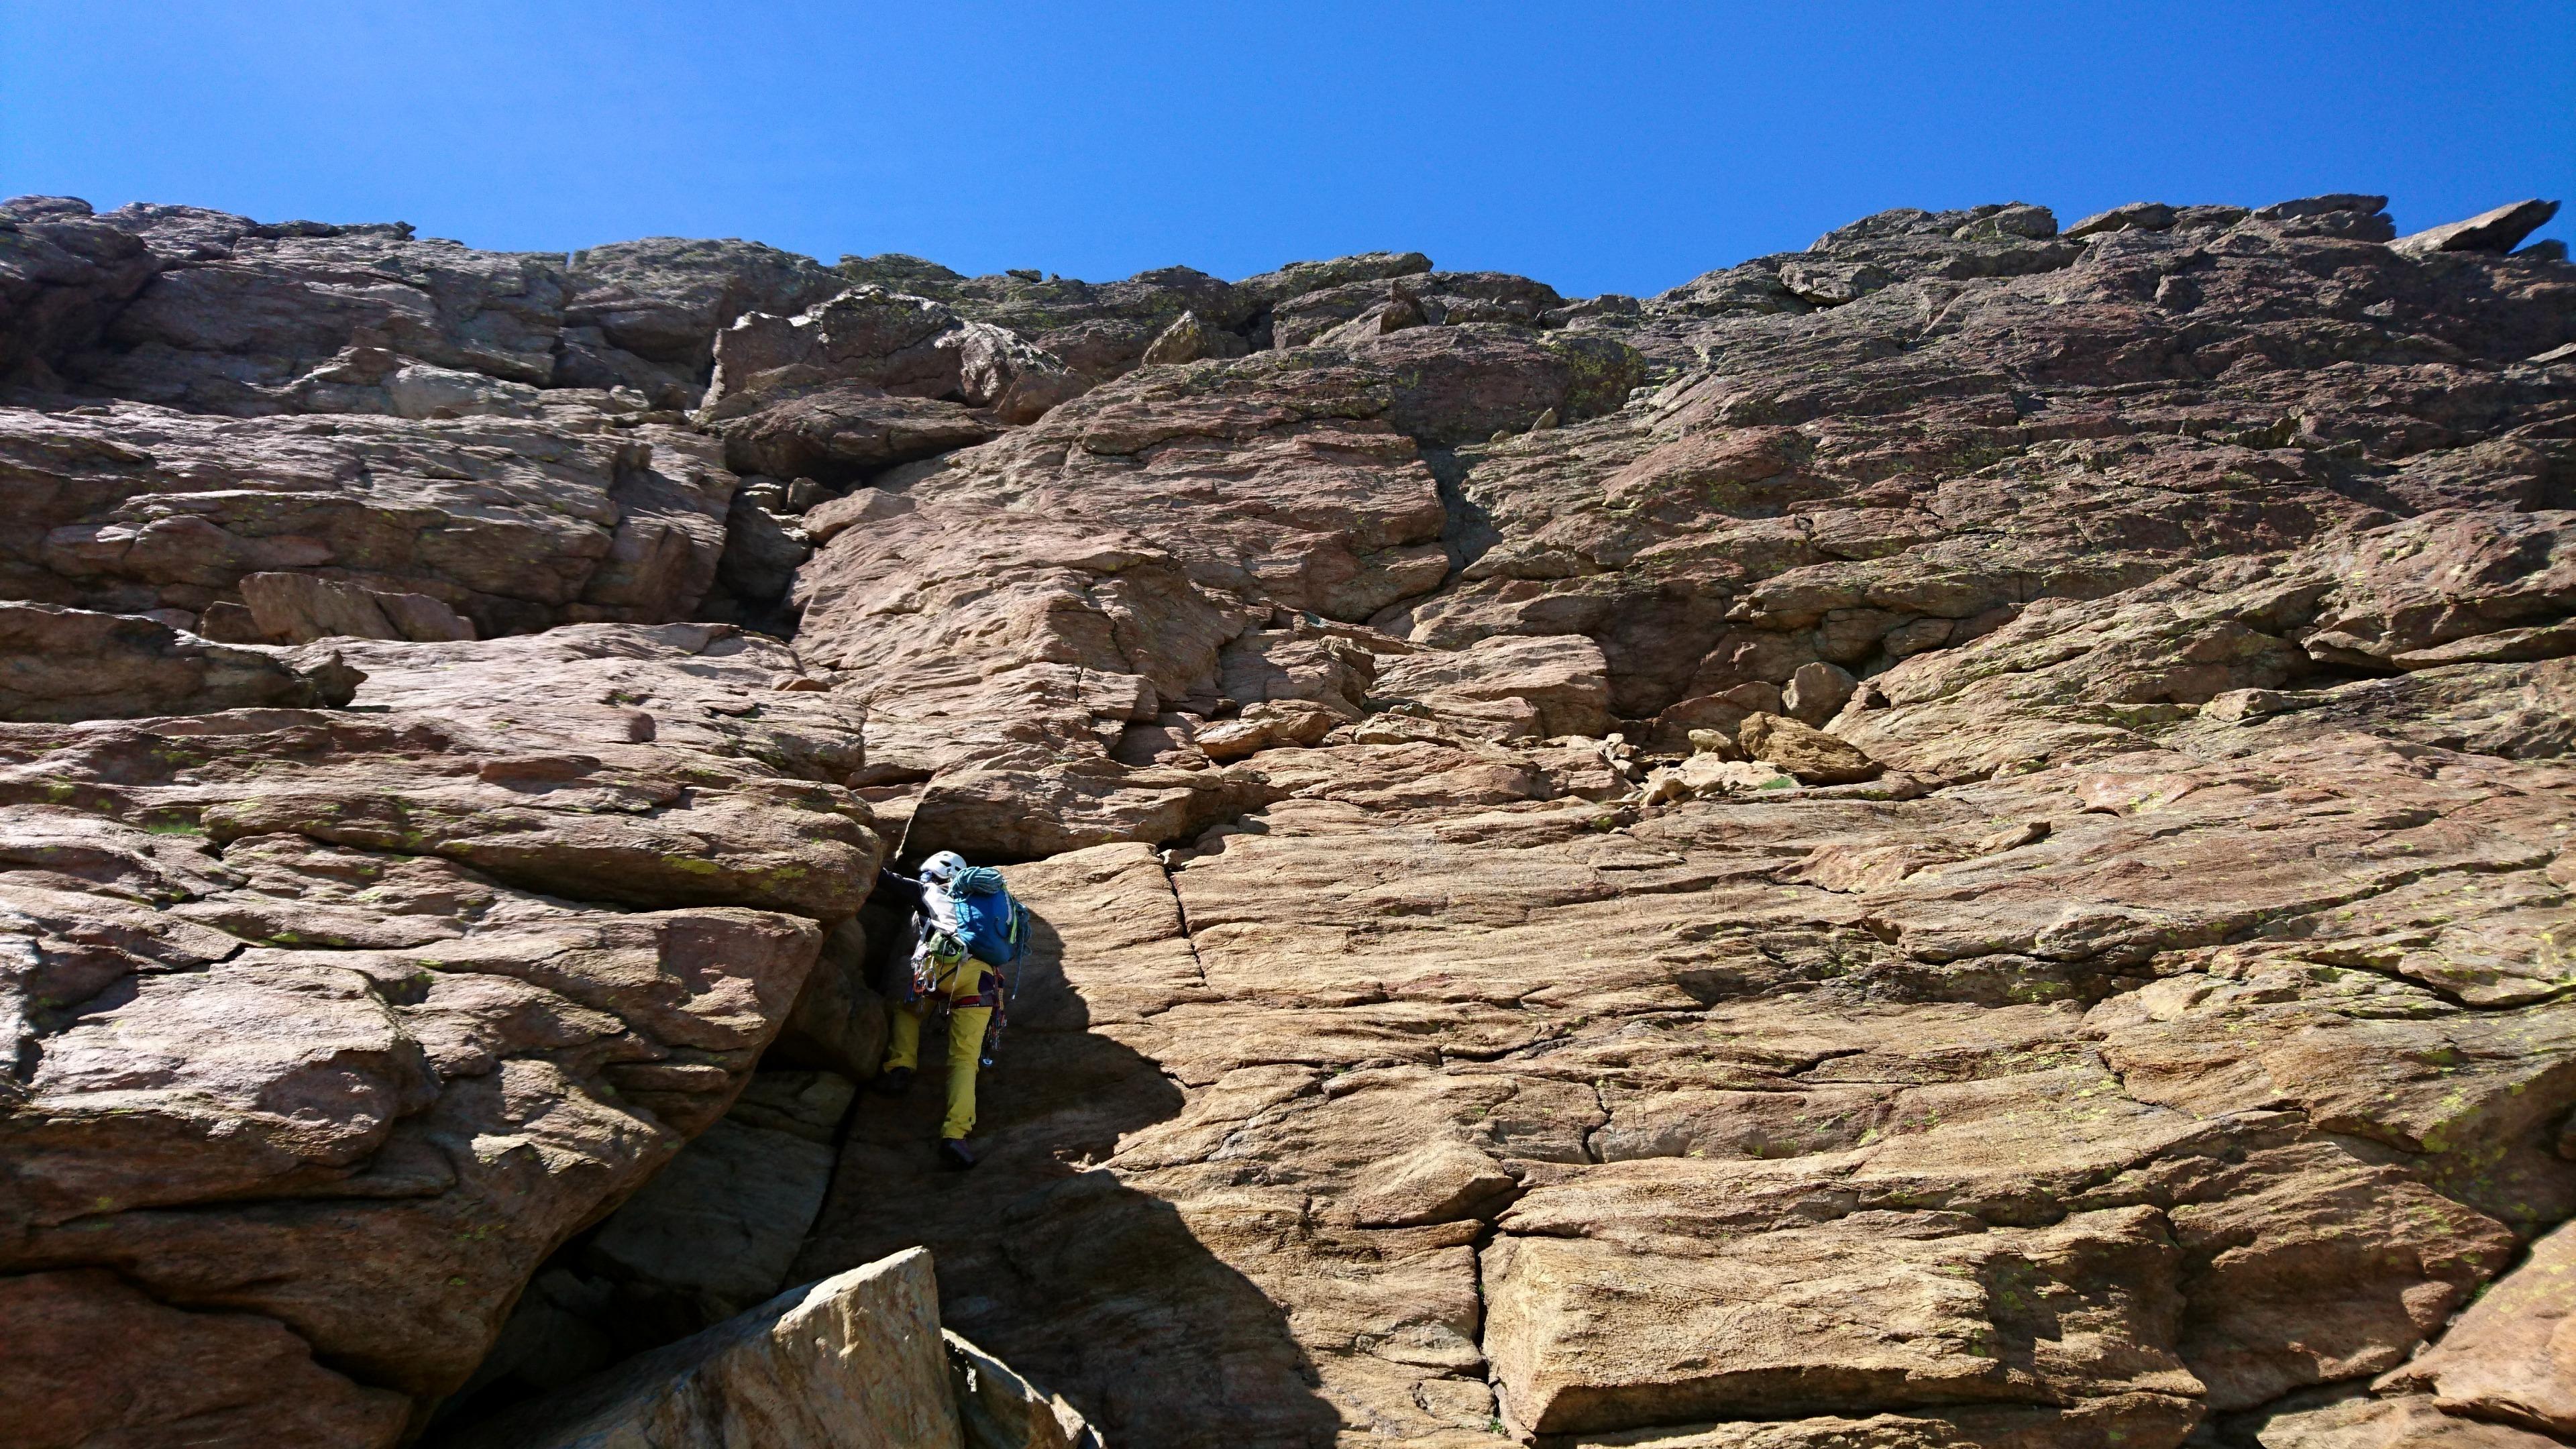 Dopo aver sistemato l'attrezzatura, affrontiamo gli ultimi 100 metri di roccette slegati fino alla cima della Rossa